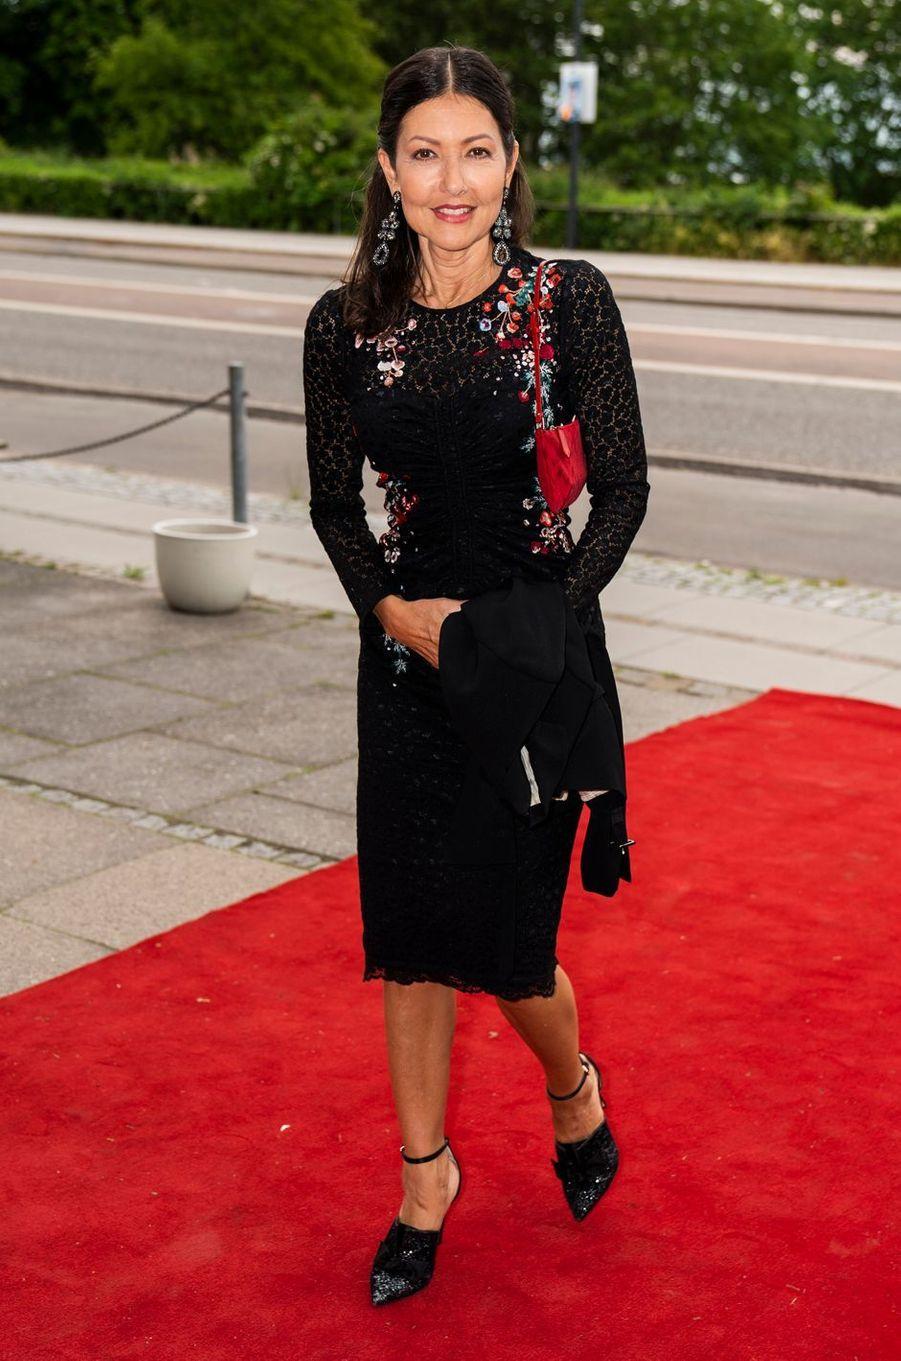 La comtesse Alexandra, ex-femme du prince Joachim de Danemark, à Klampenborg le 3 juin 2019